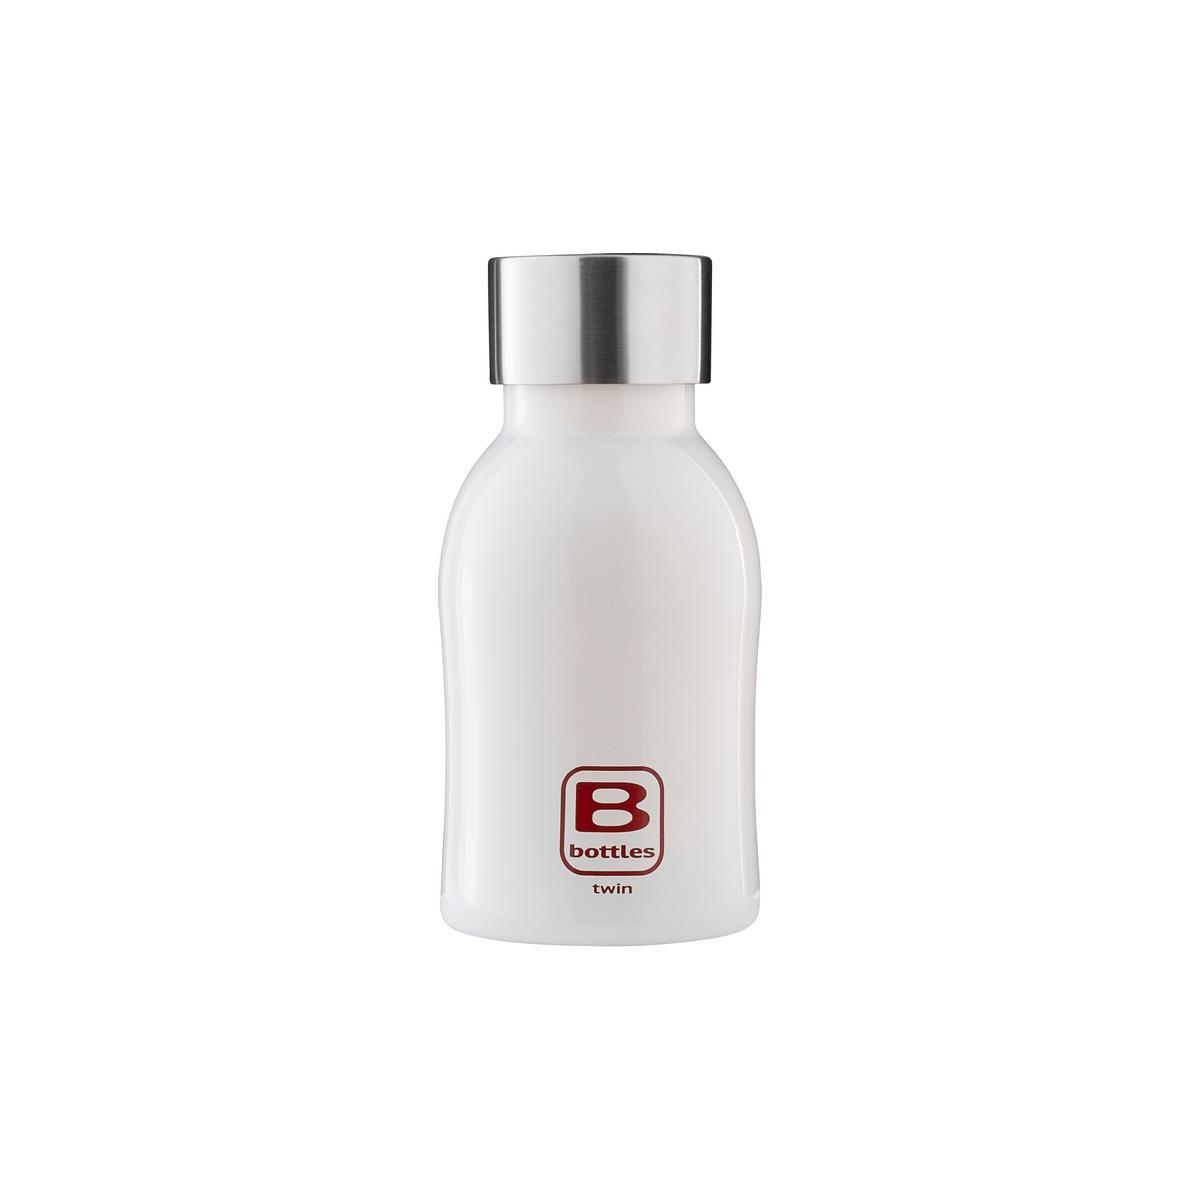 B Bottles Twin - Bianco Bright - 250 ml - Bottiglia Termica a doppia parete in acciaio inox 18/10